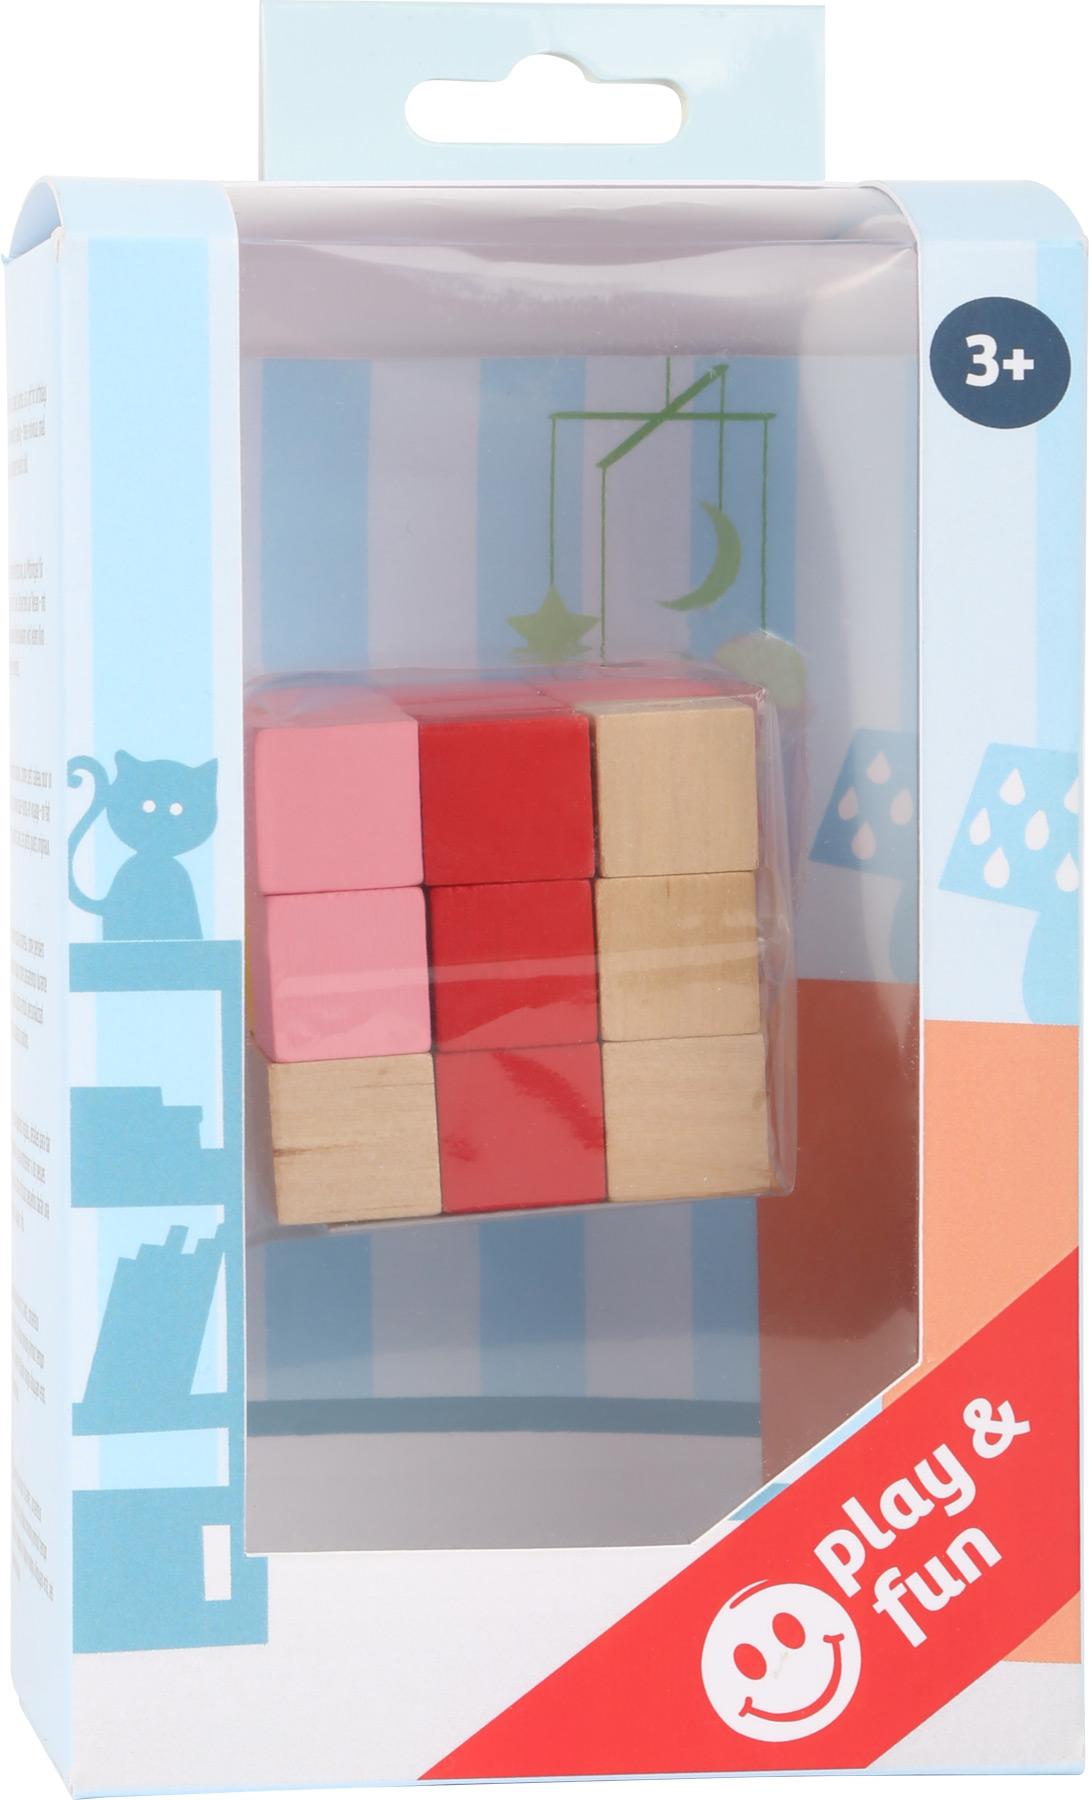 Cubo de construção